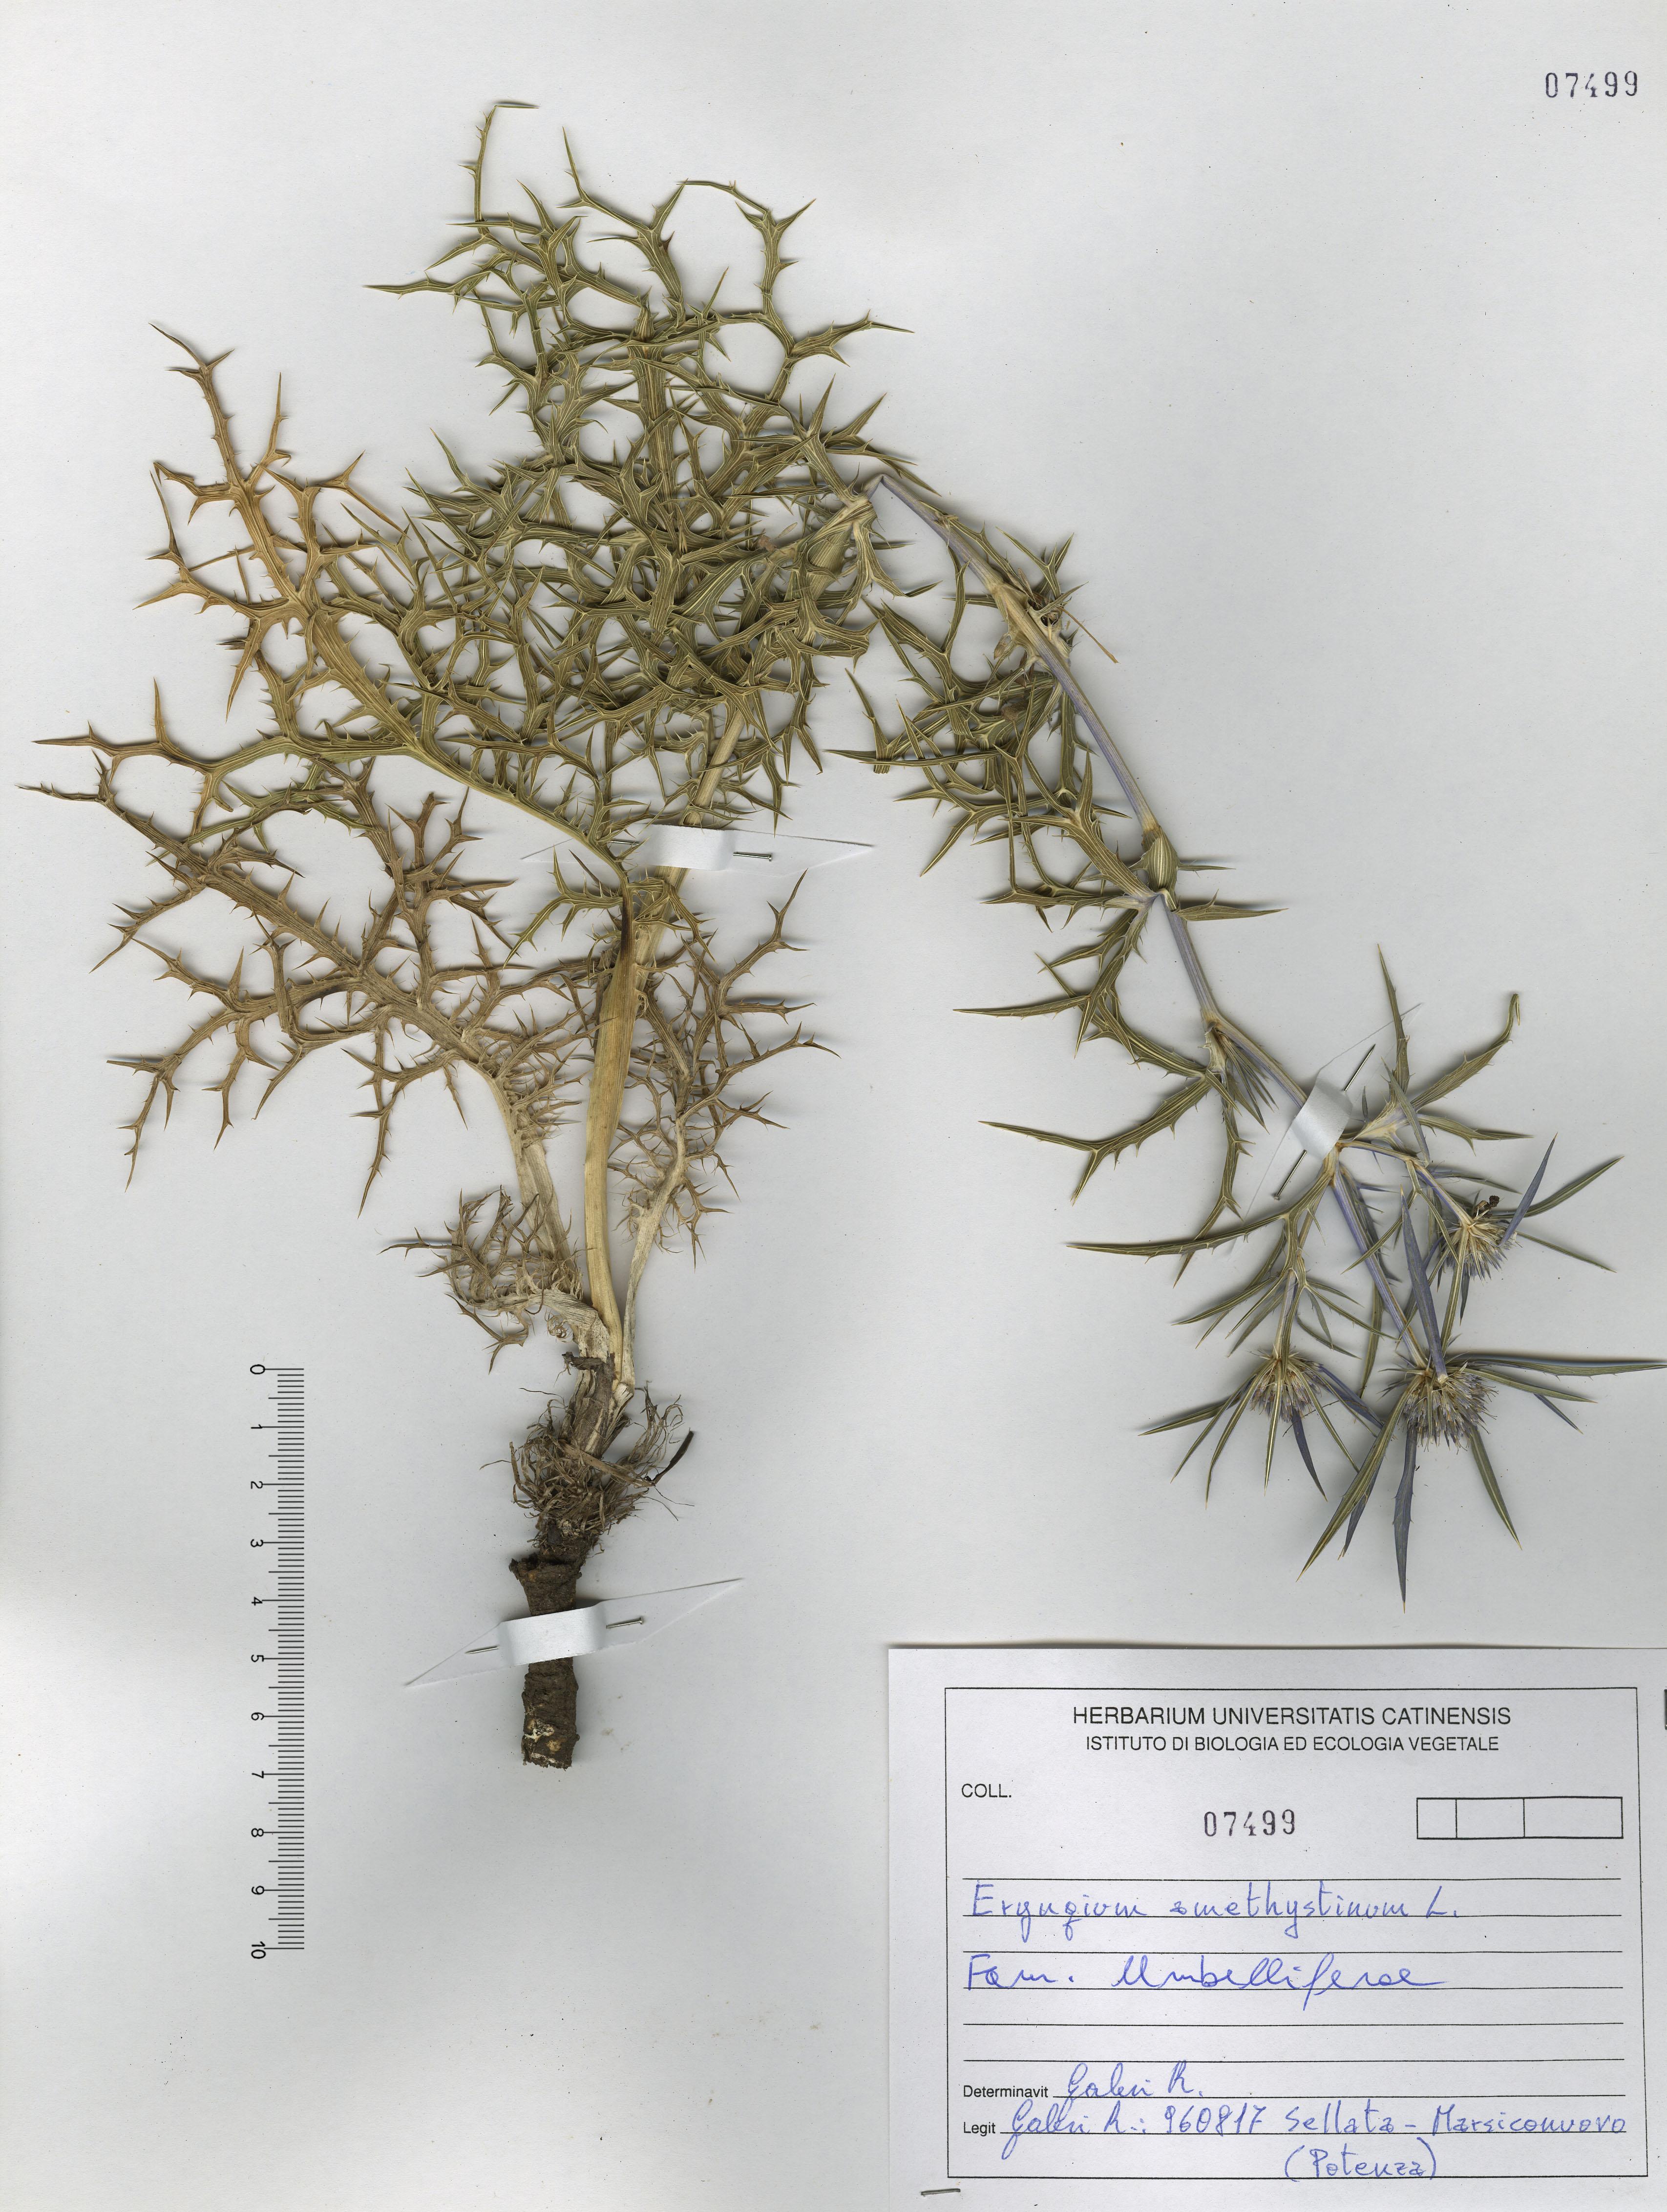 © Hortus Botanicus Catinensis - Herb. sheet 107499<br>